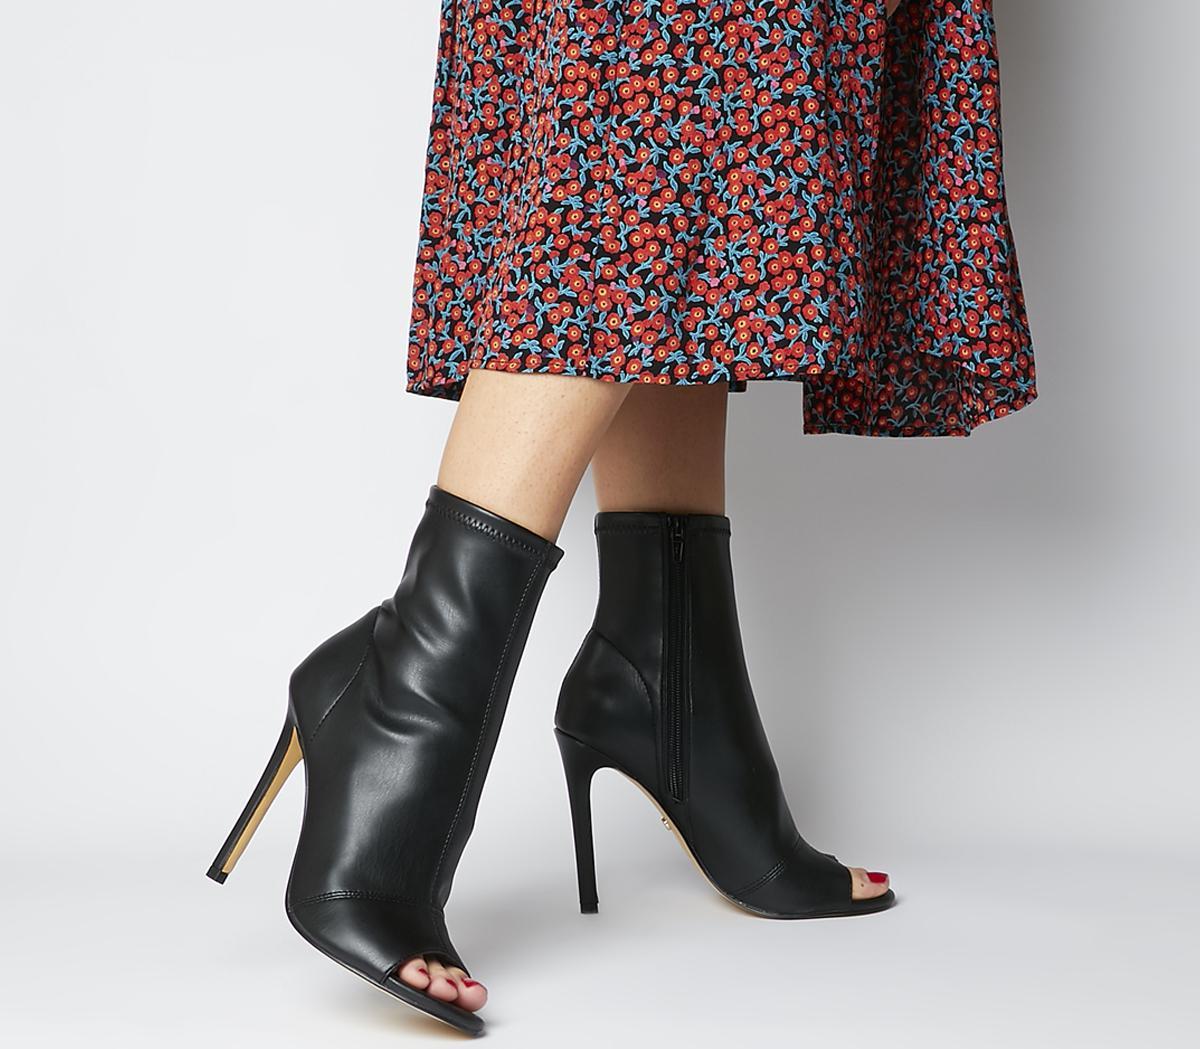 giày boot nữ cổ thấp